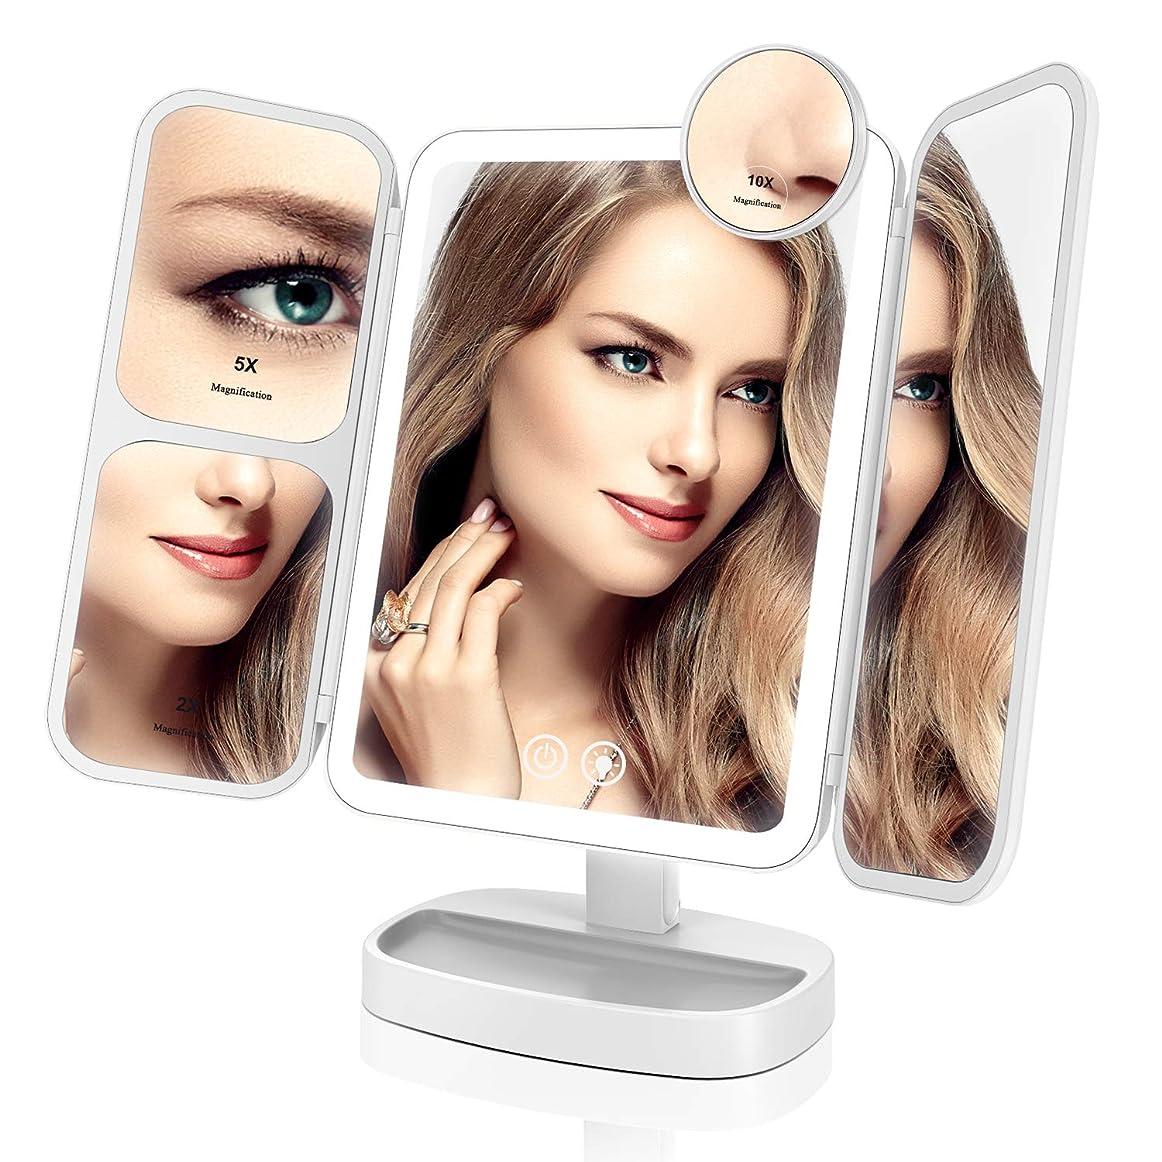 仲人クリア自体EASEHOLD 化粧鏡 化粧ミラー 卓上ミラー 鏡 LED付き 【最新バージョン】 リチウム電池 充電式 2&5&10倍拡大鏡付き 指タッチ 明るさ調節可能 プレゼント